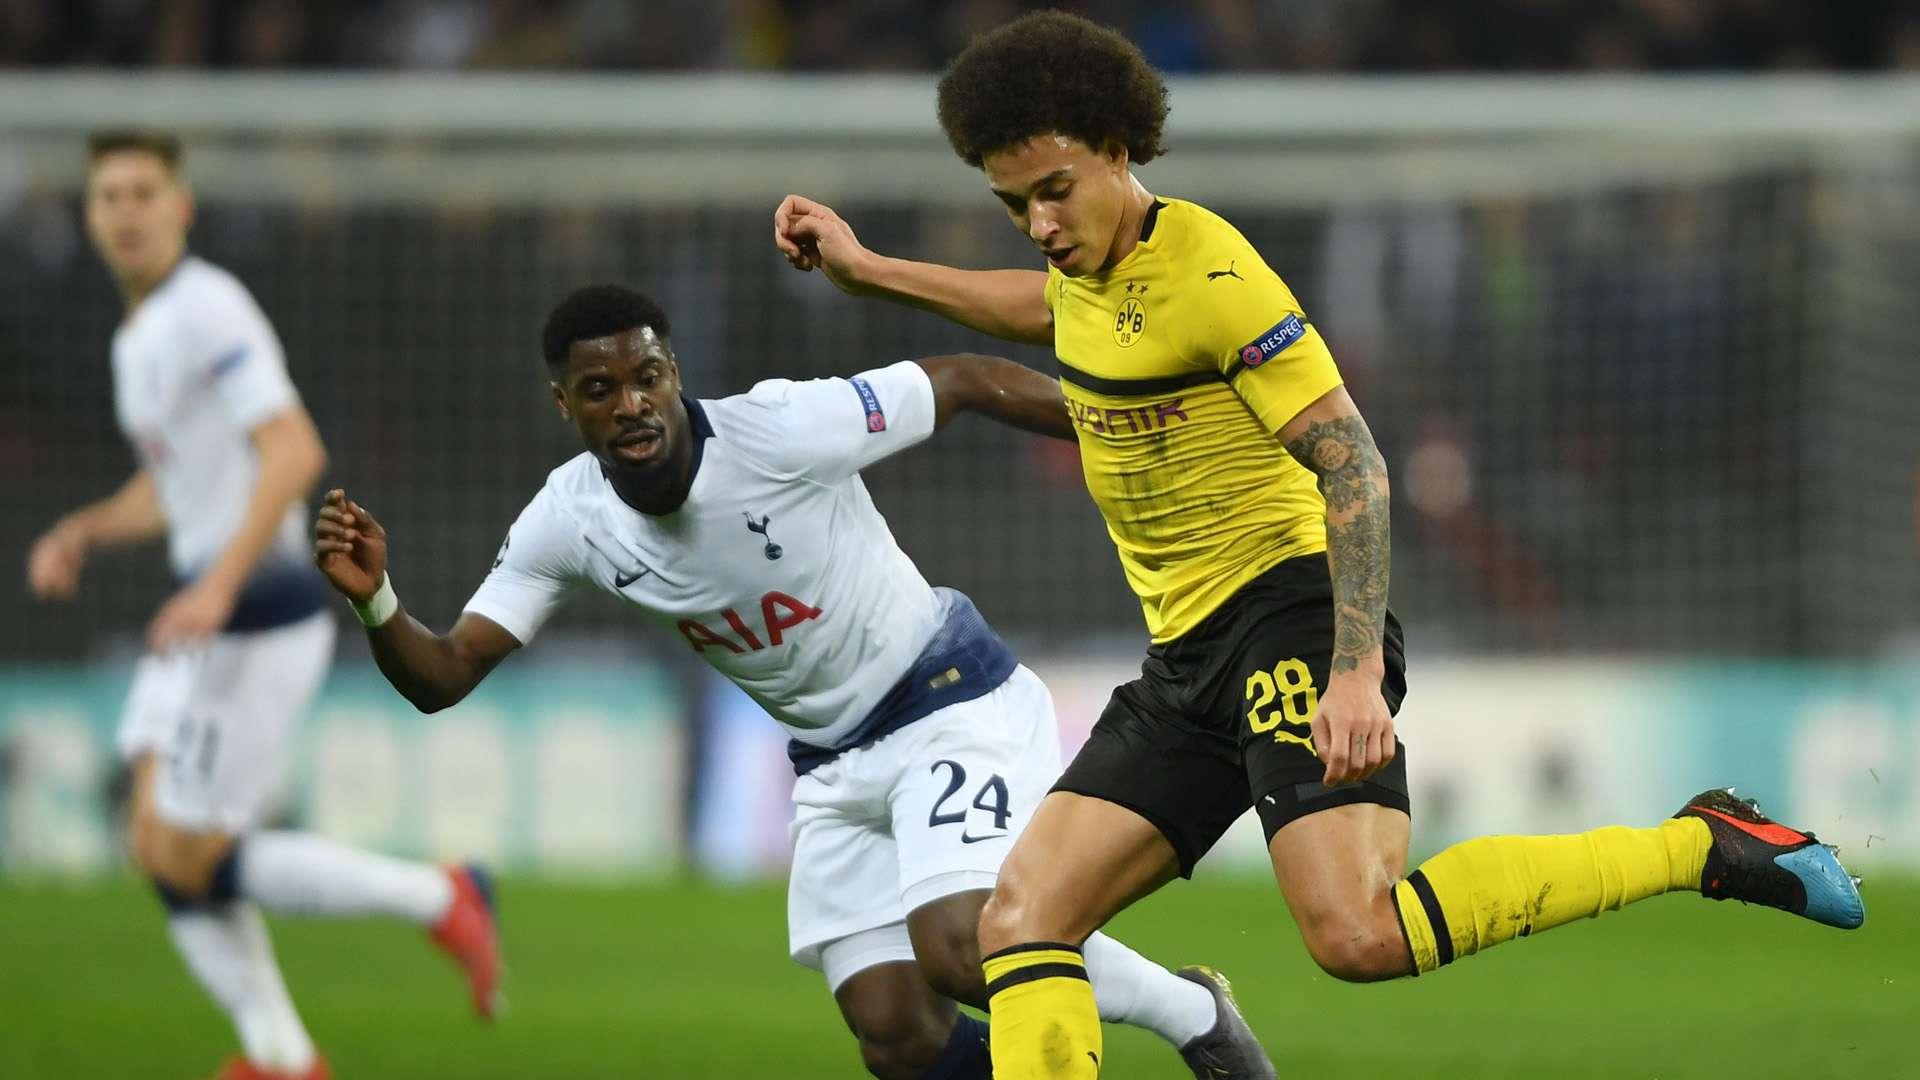 Wer Zeigt Bvb Vs Tottenham Hotspur Heute Live In Tv Und Live Stream